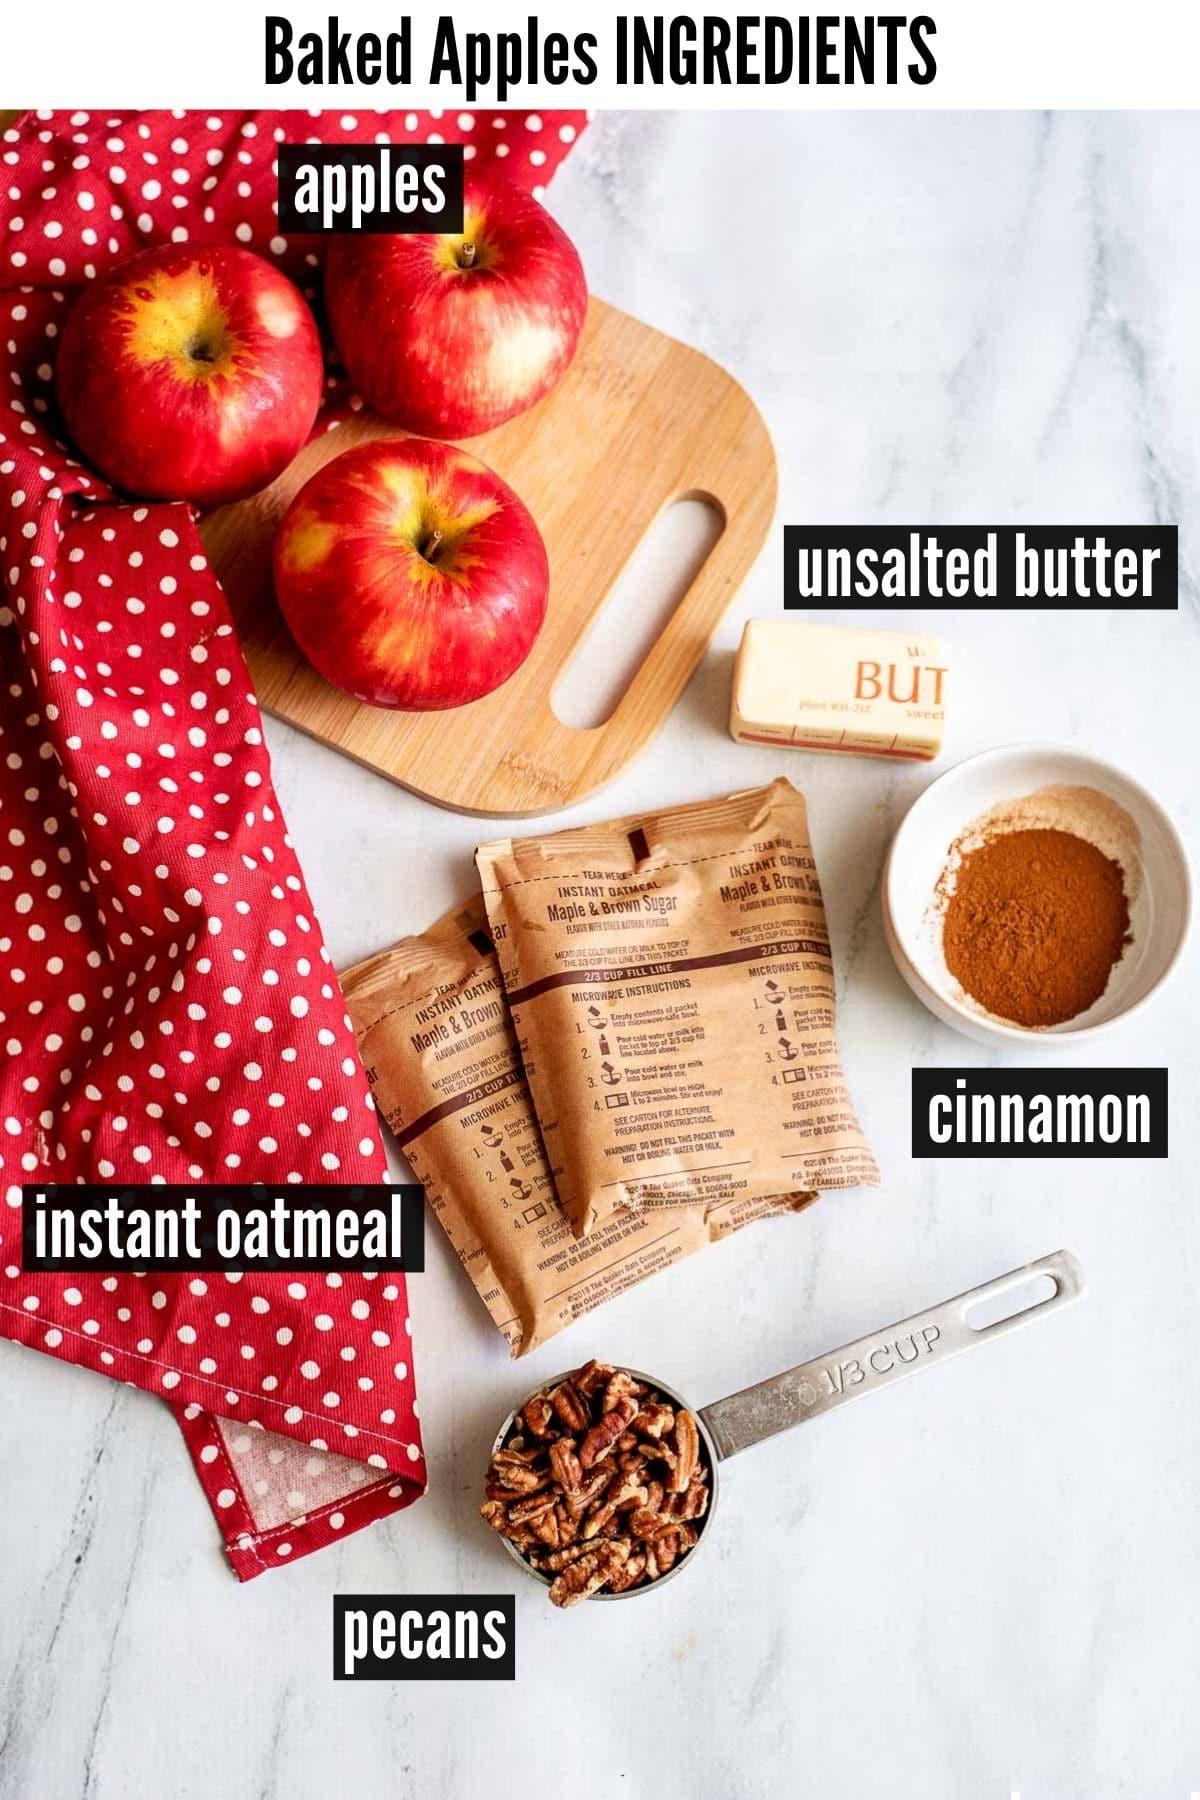 baked apples ingredients